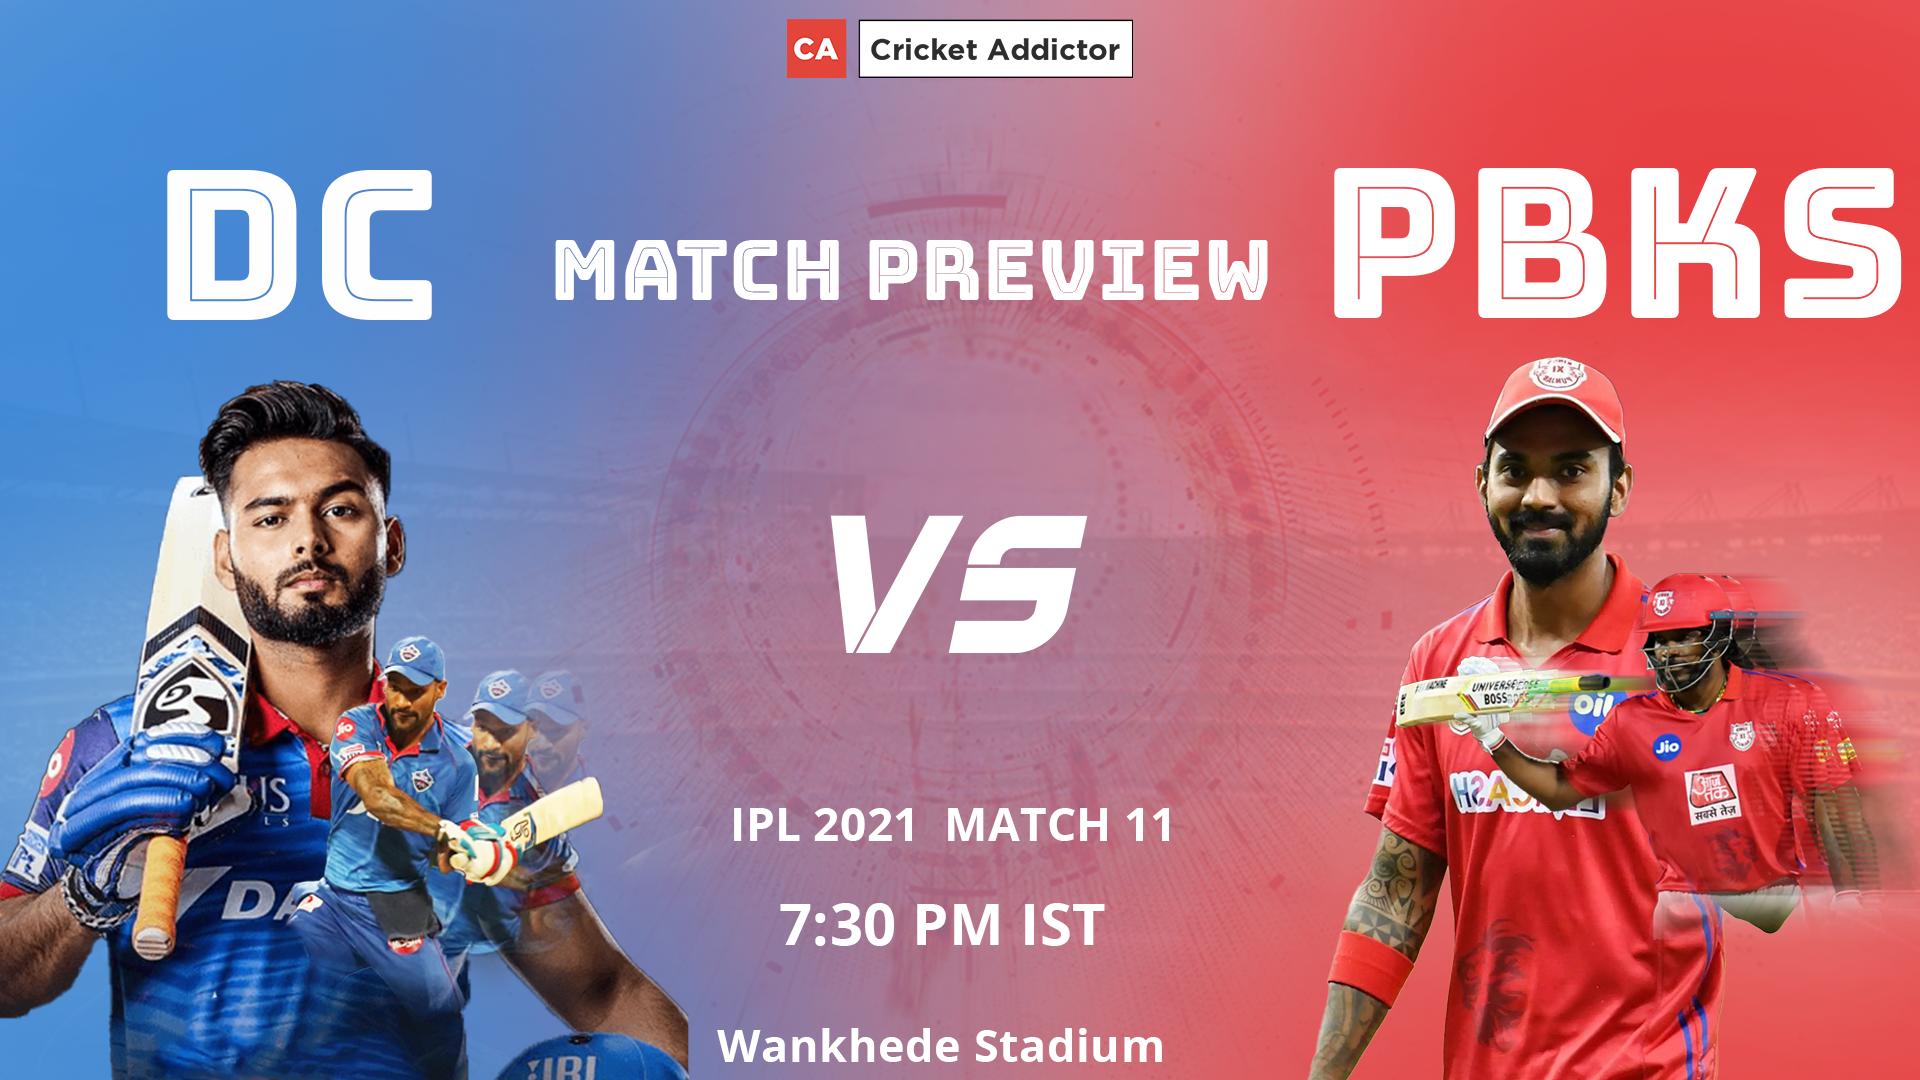 IPL 2021, Delhi Capitals, Punjab Kings, Match Preview, Prediction, DC vs PBKS